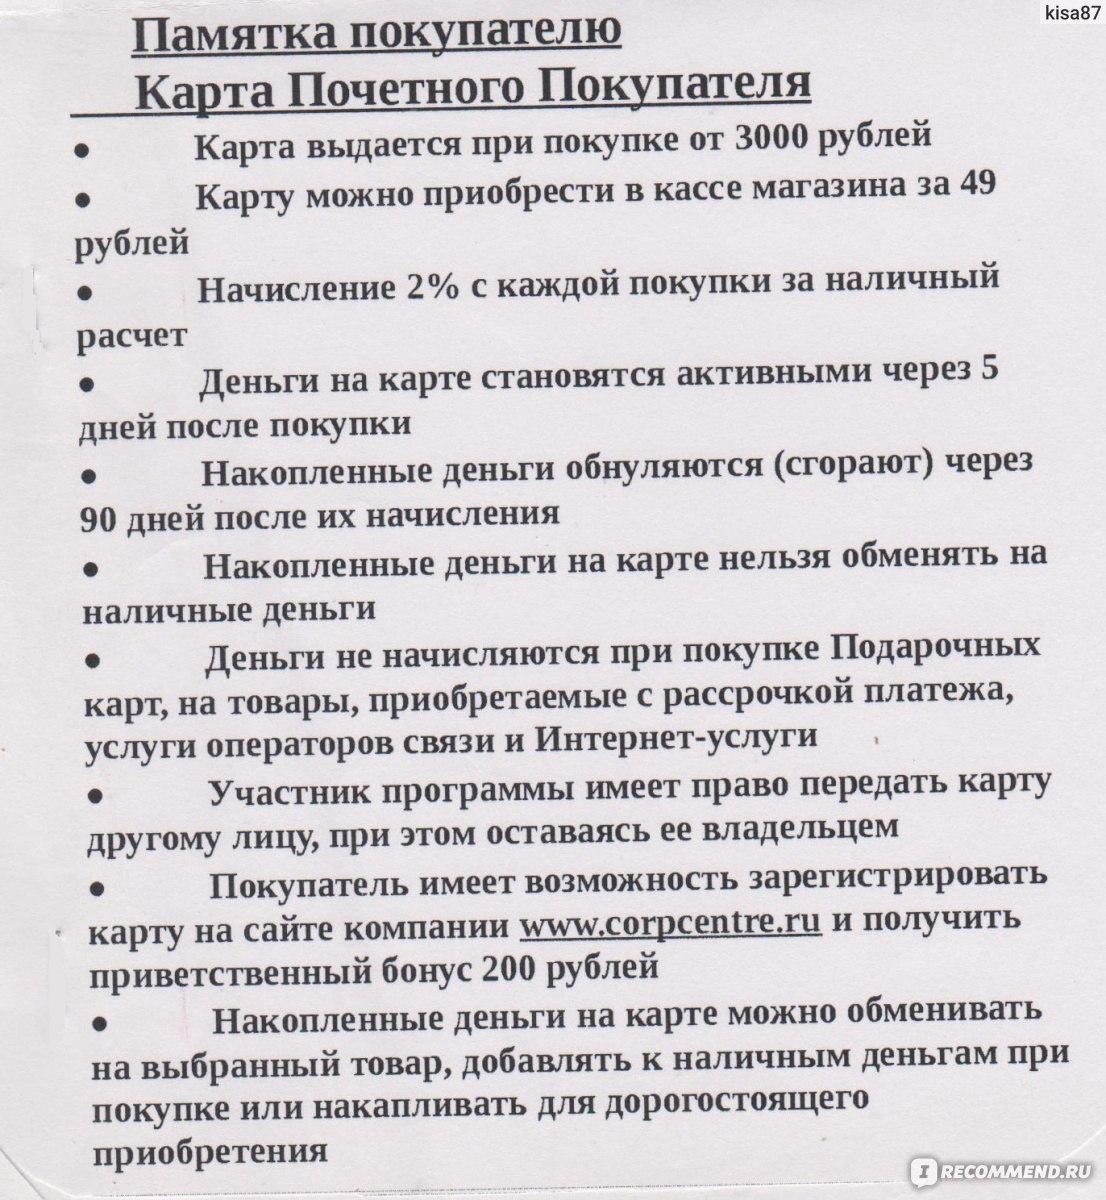 корпорация центр оформить онлайн кредит рефинансирование кредитов челябинск банки